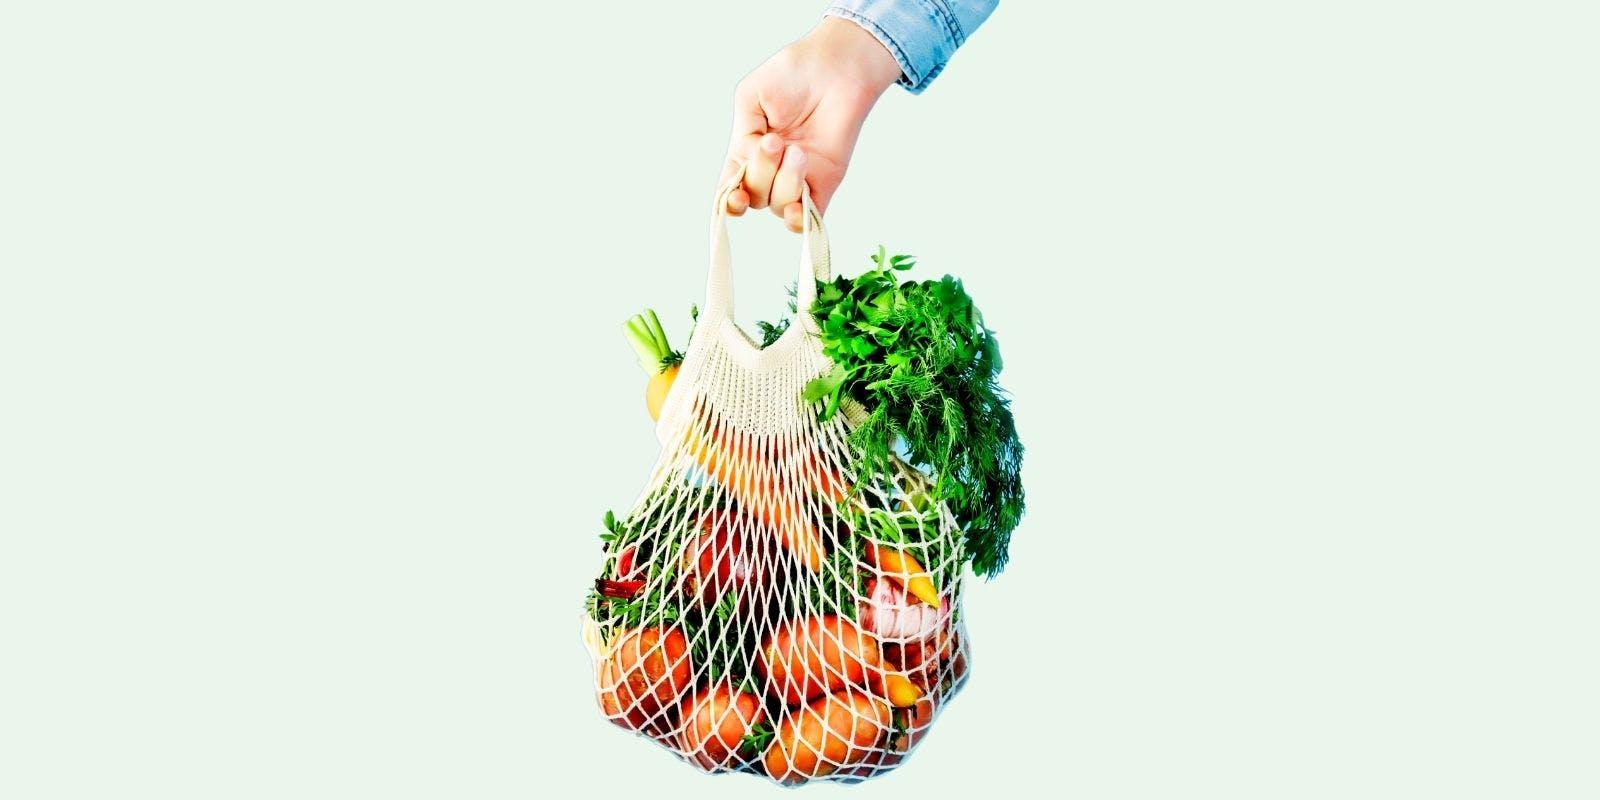 Plastic-Free Food Shopping